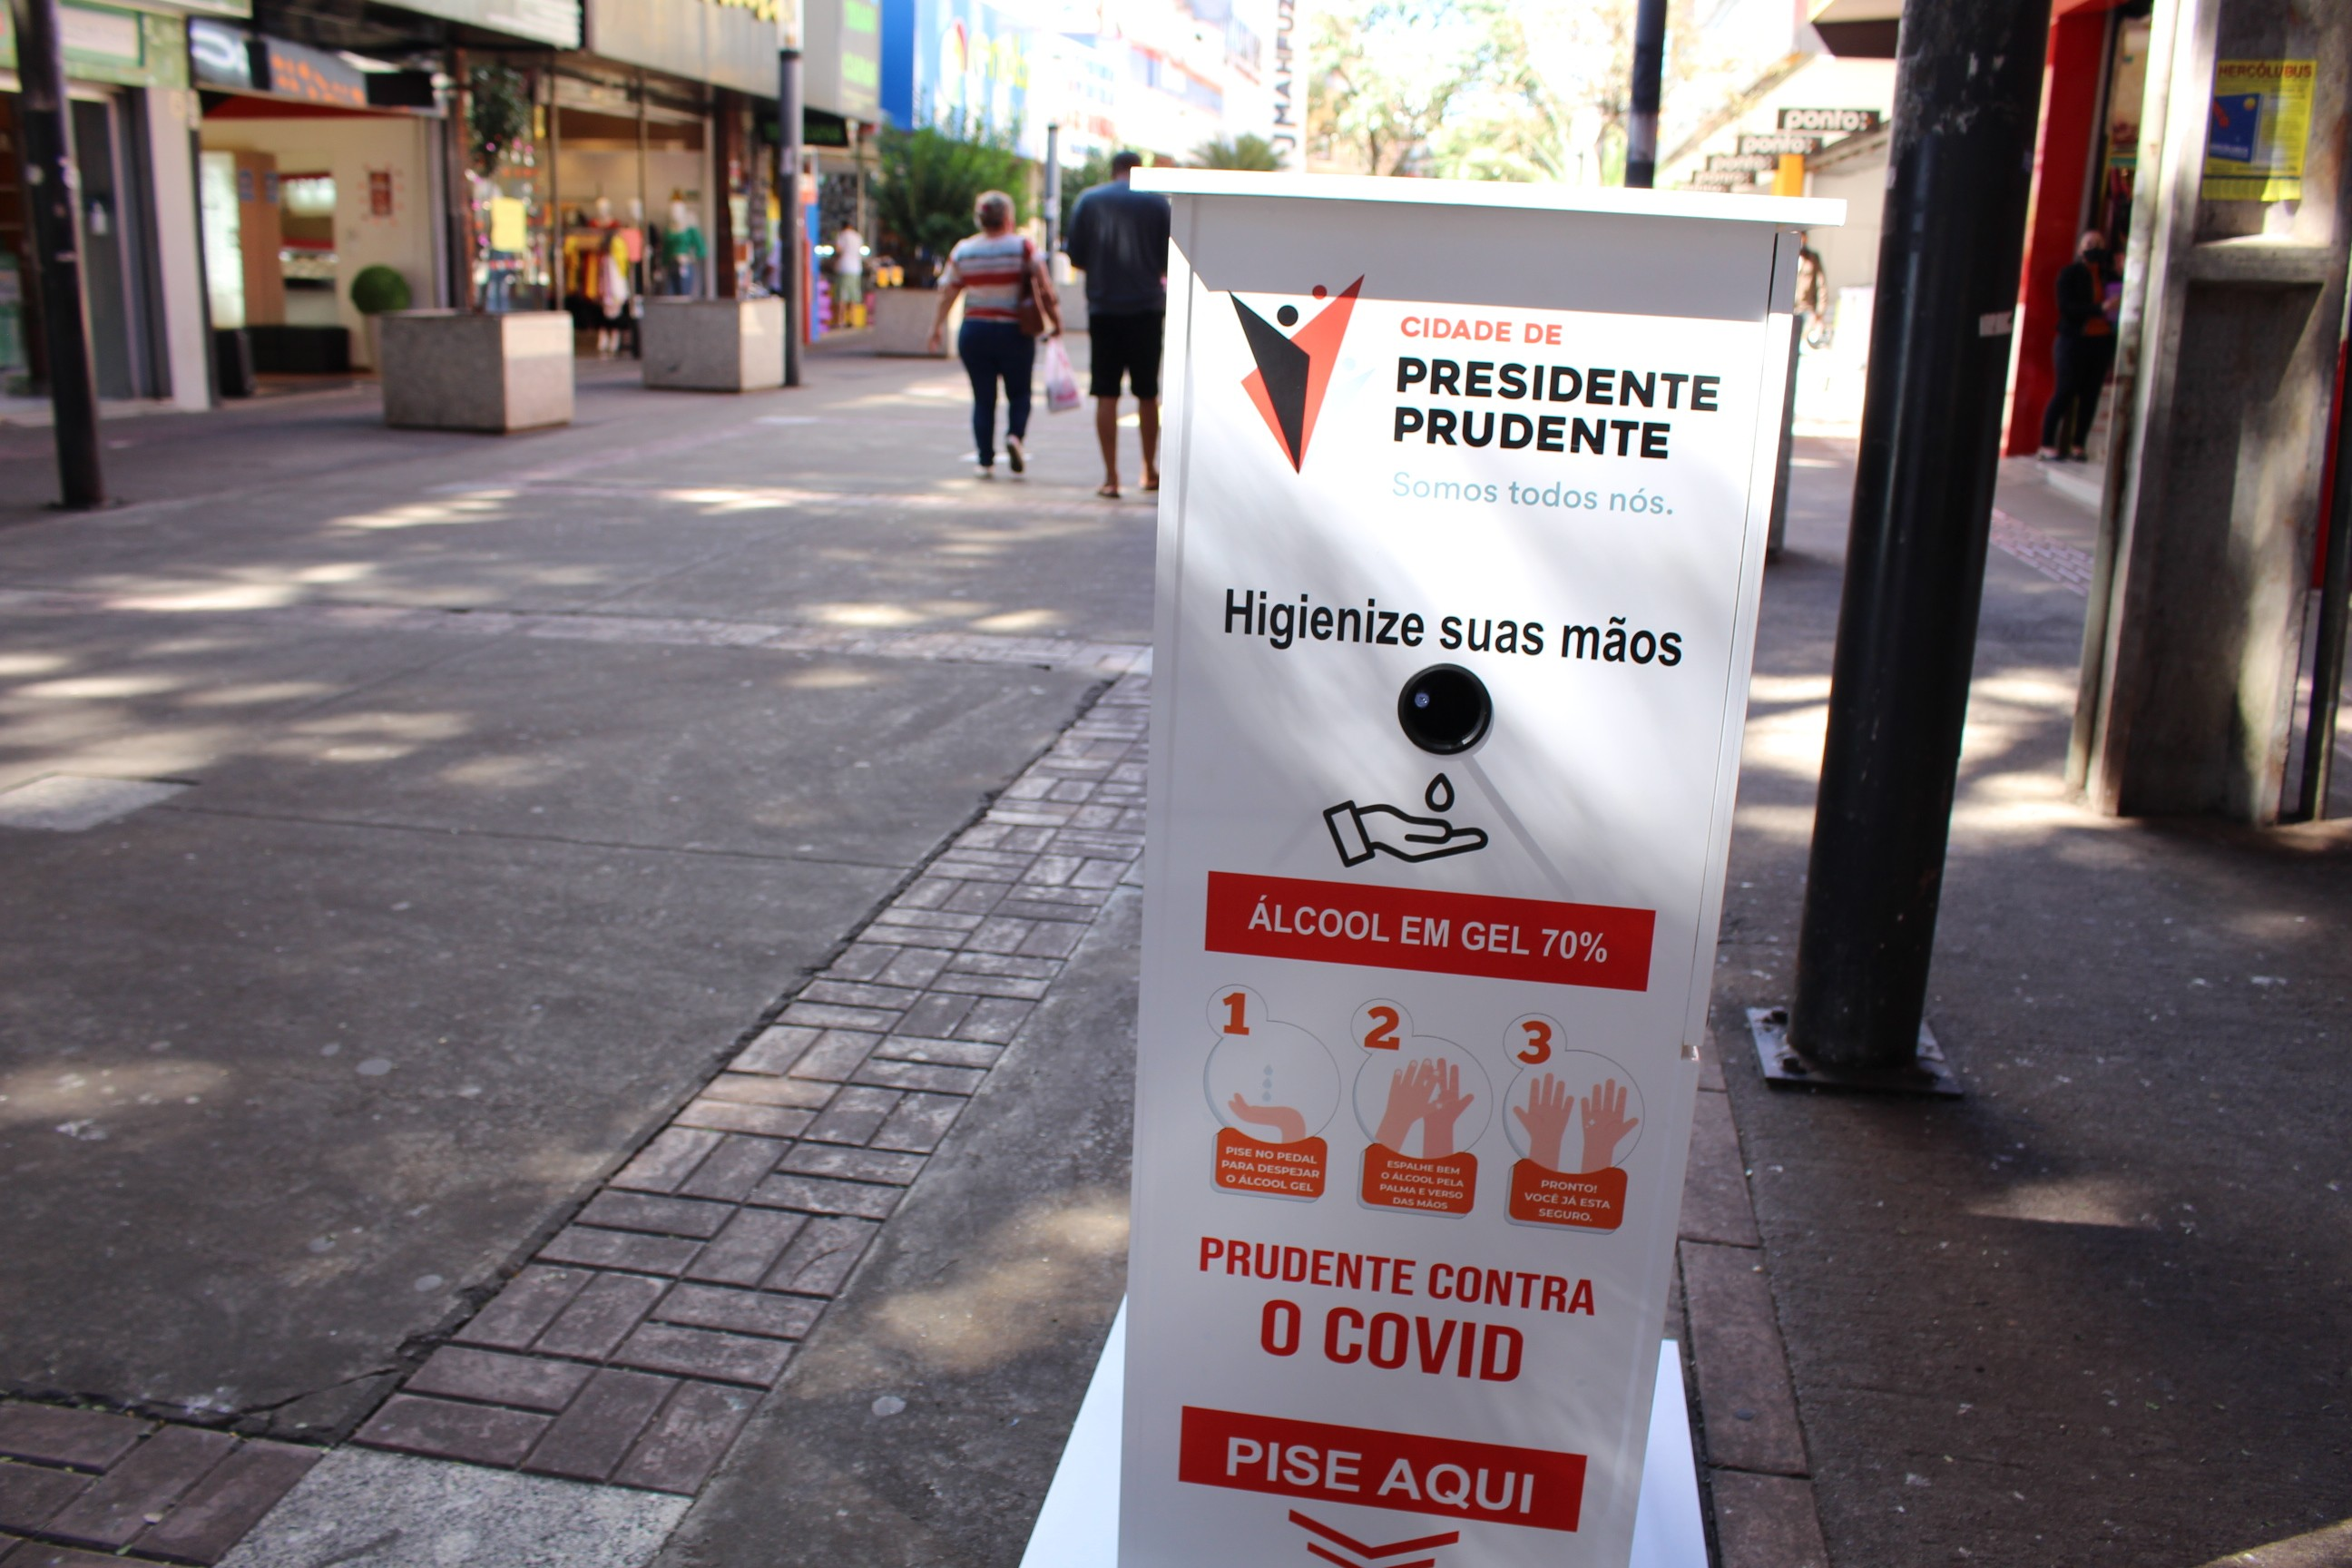 Totens com álcool em gel são instalados no Calçadão de Presidente Prudente